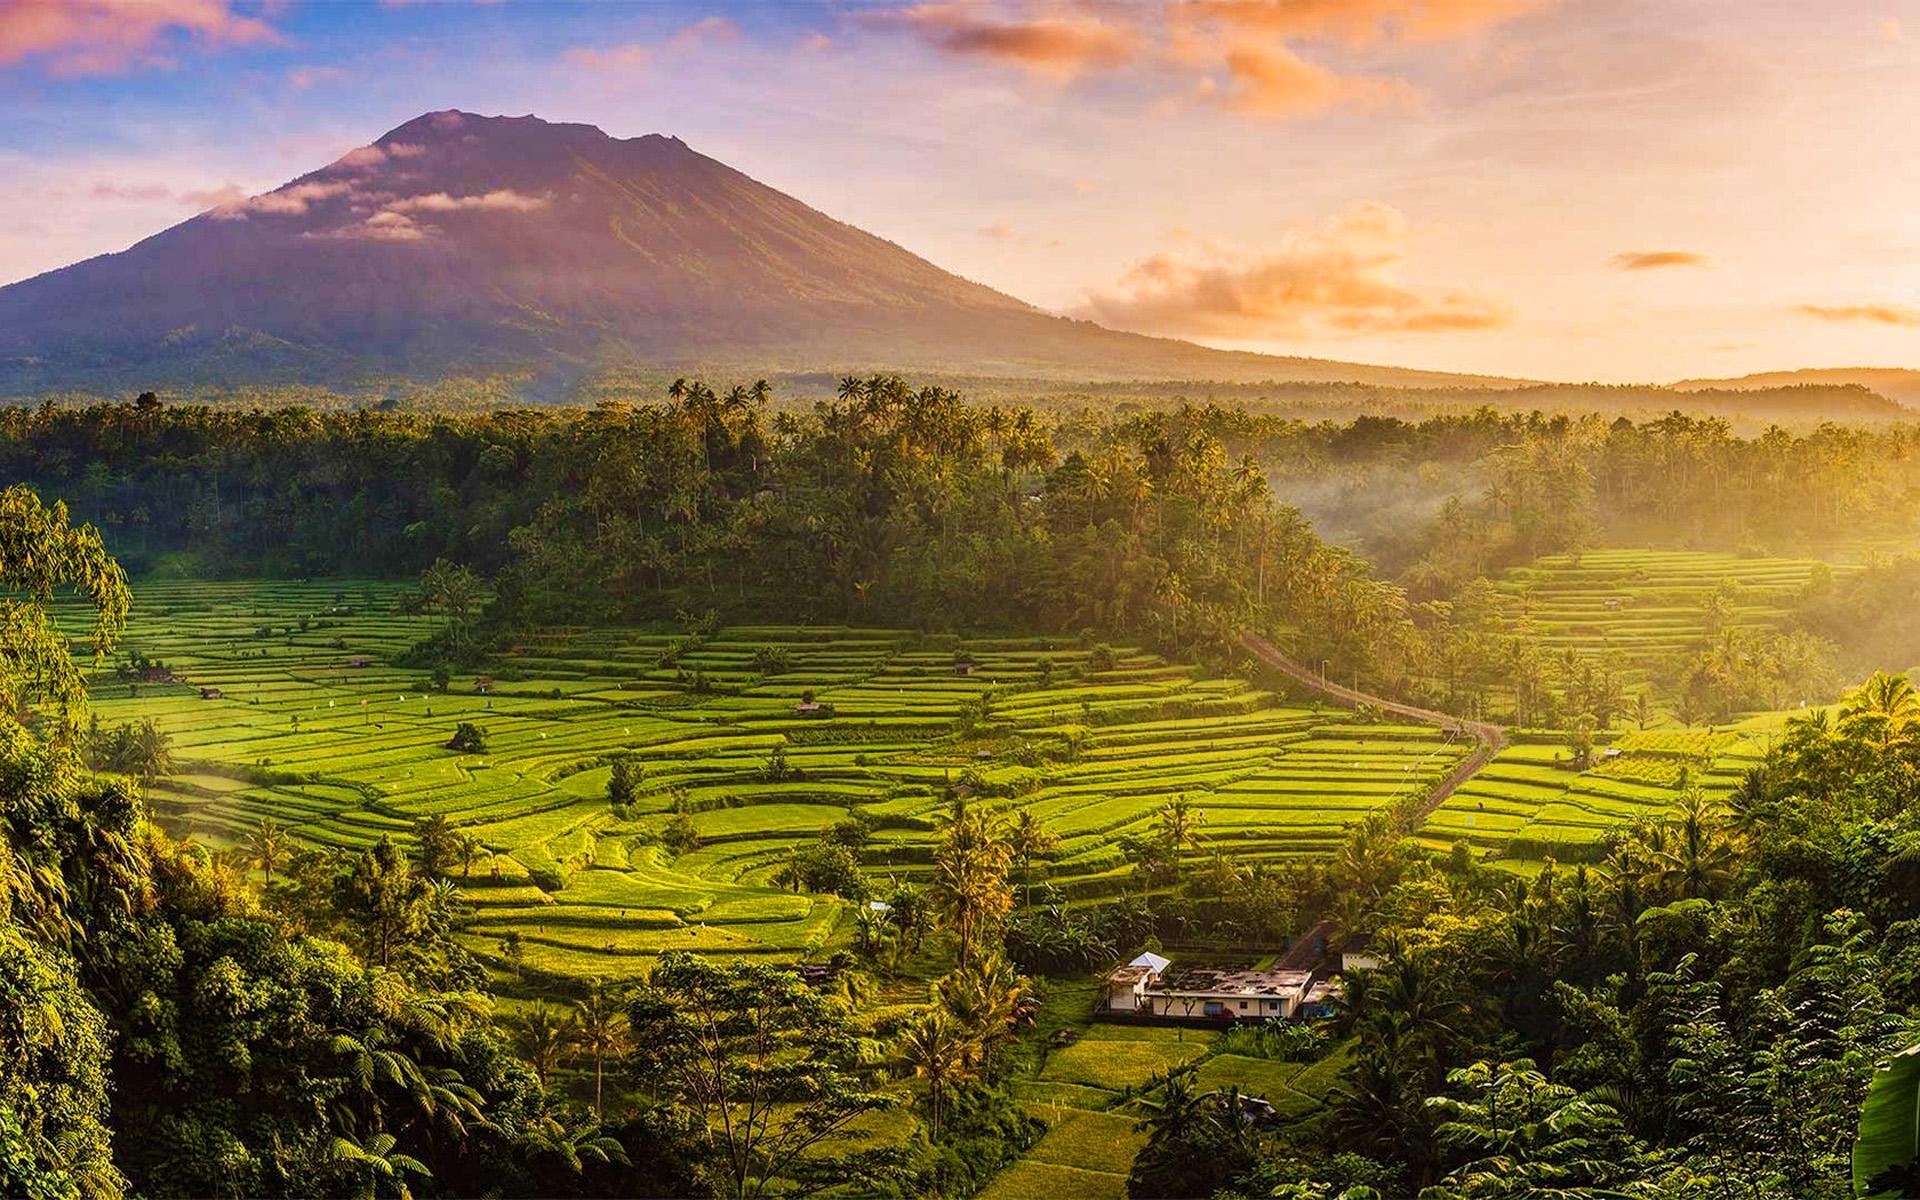 صور من إندونيسيا